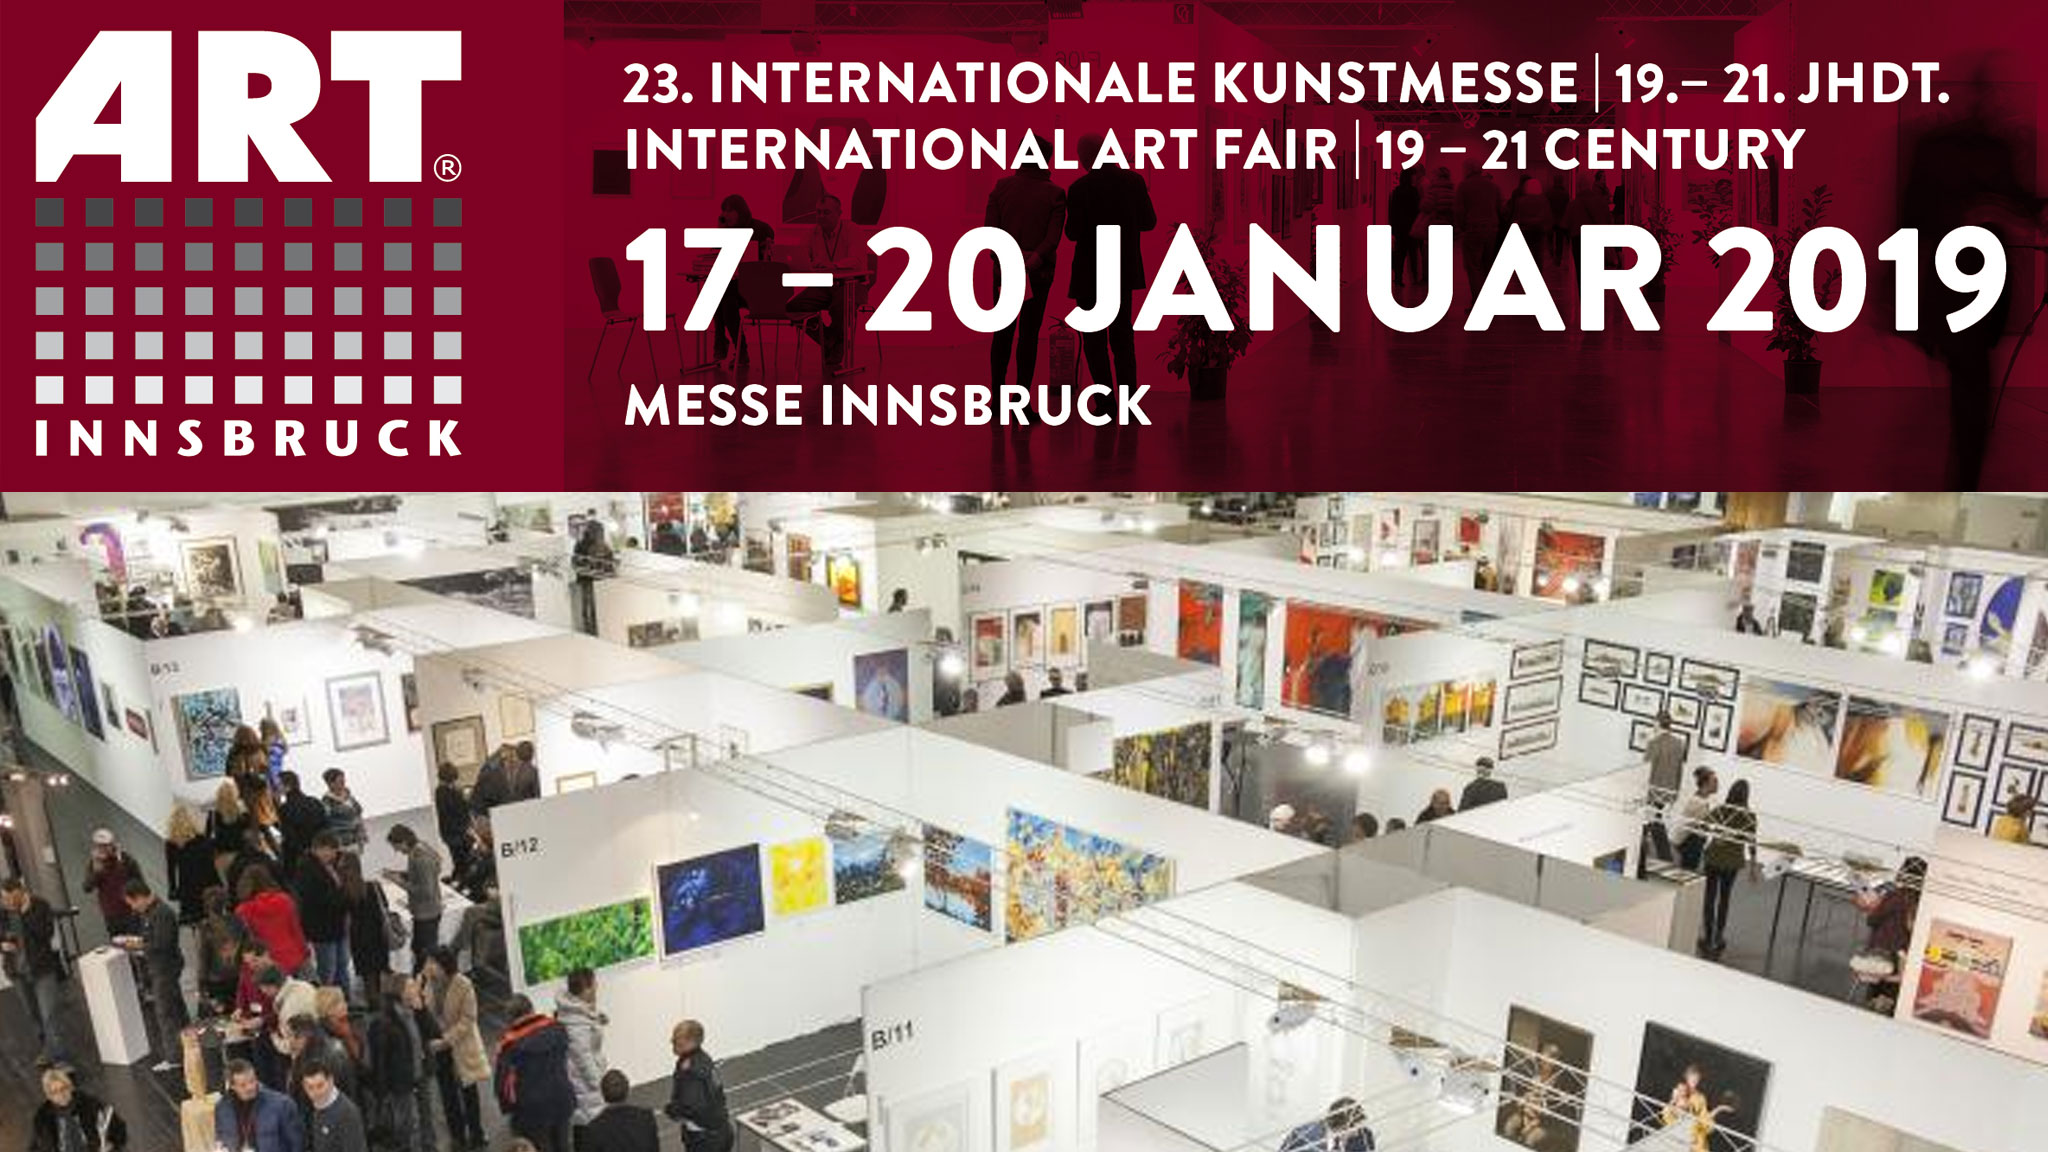 ART INNSBRUCK 2019